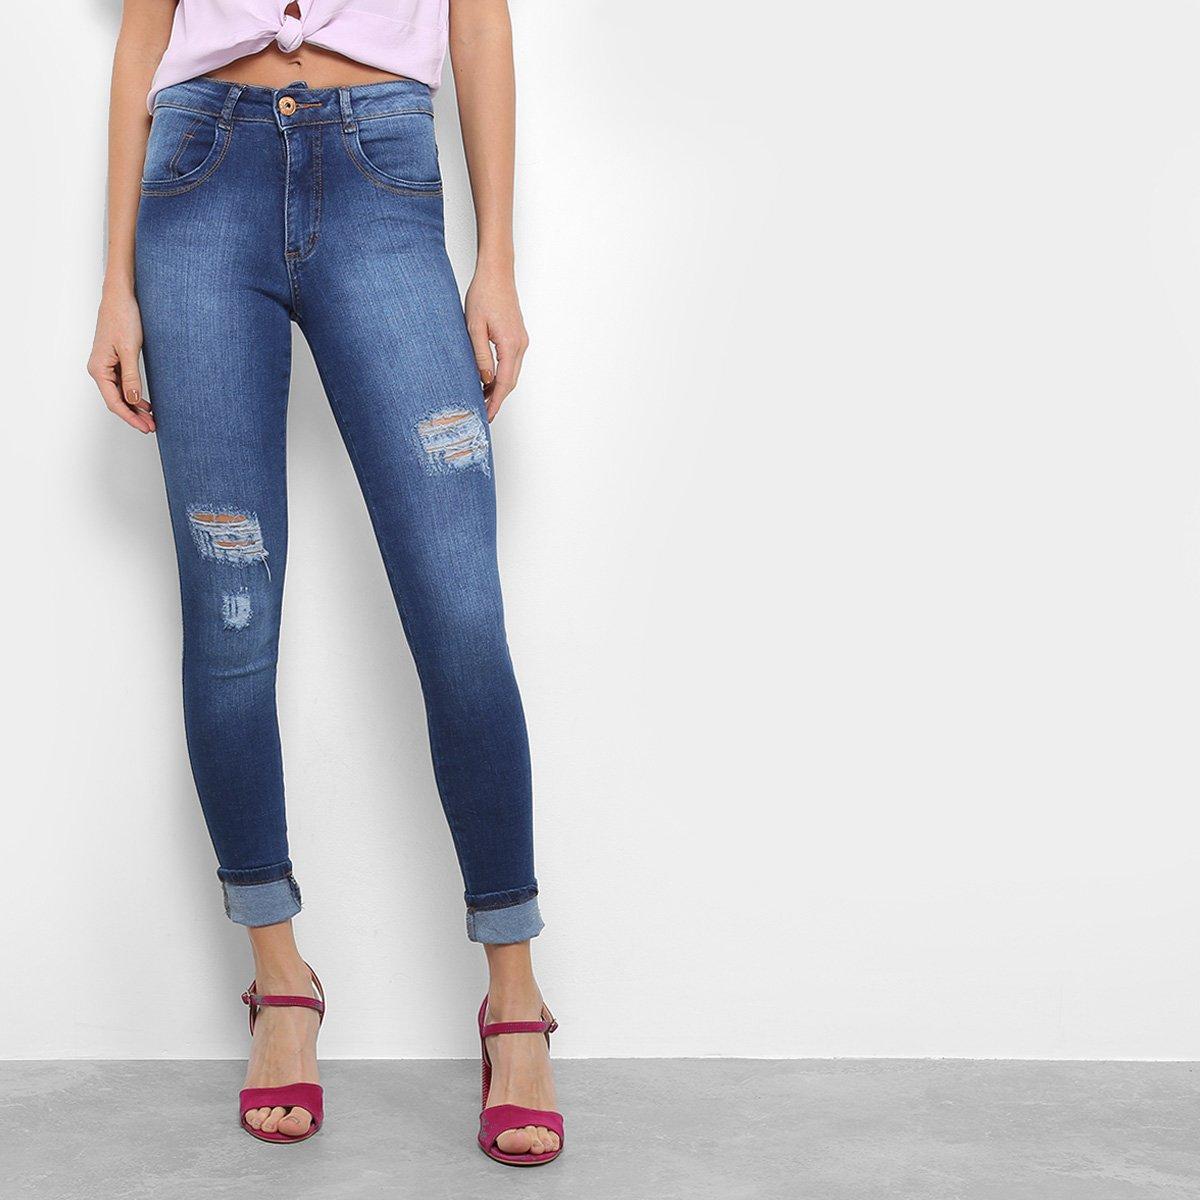 7a59147d7 Calça Jeans Skinny Biotipo Rasgos Cintura Média Feminina | Livelo ...